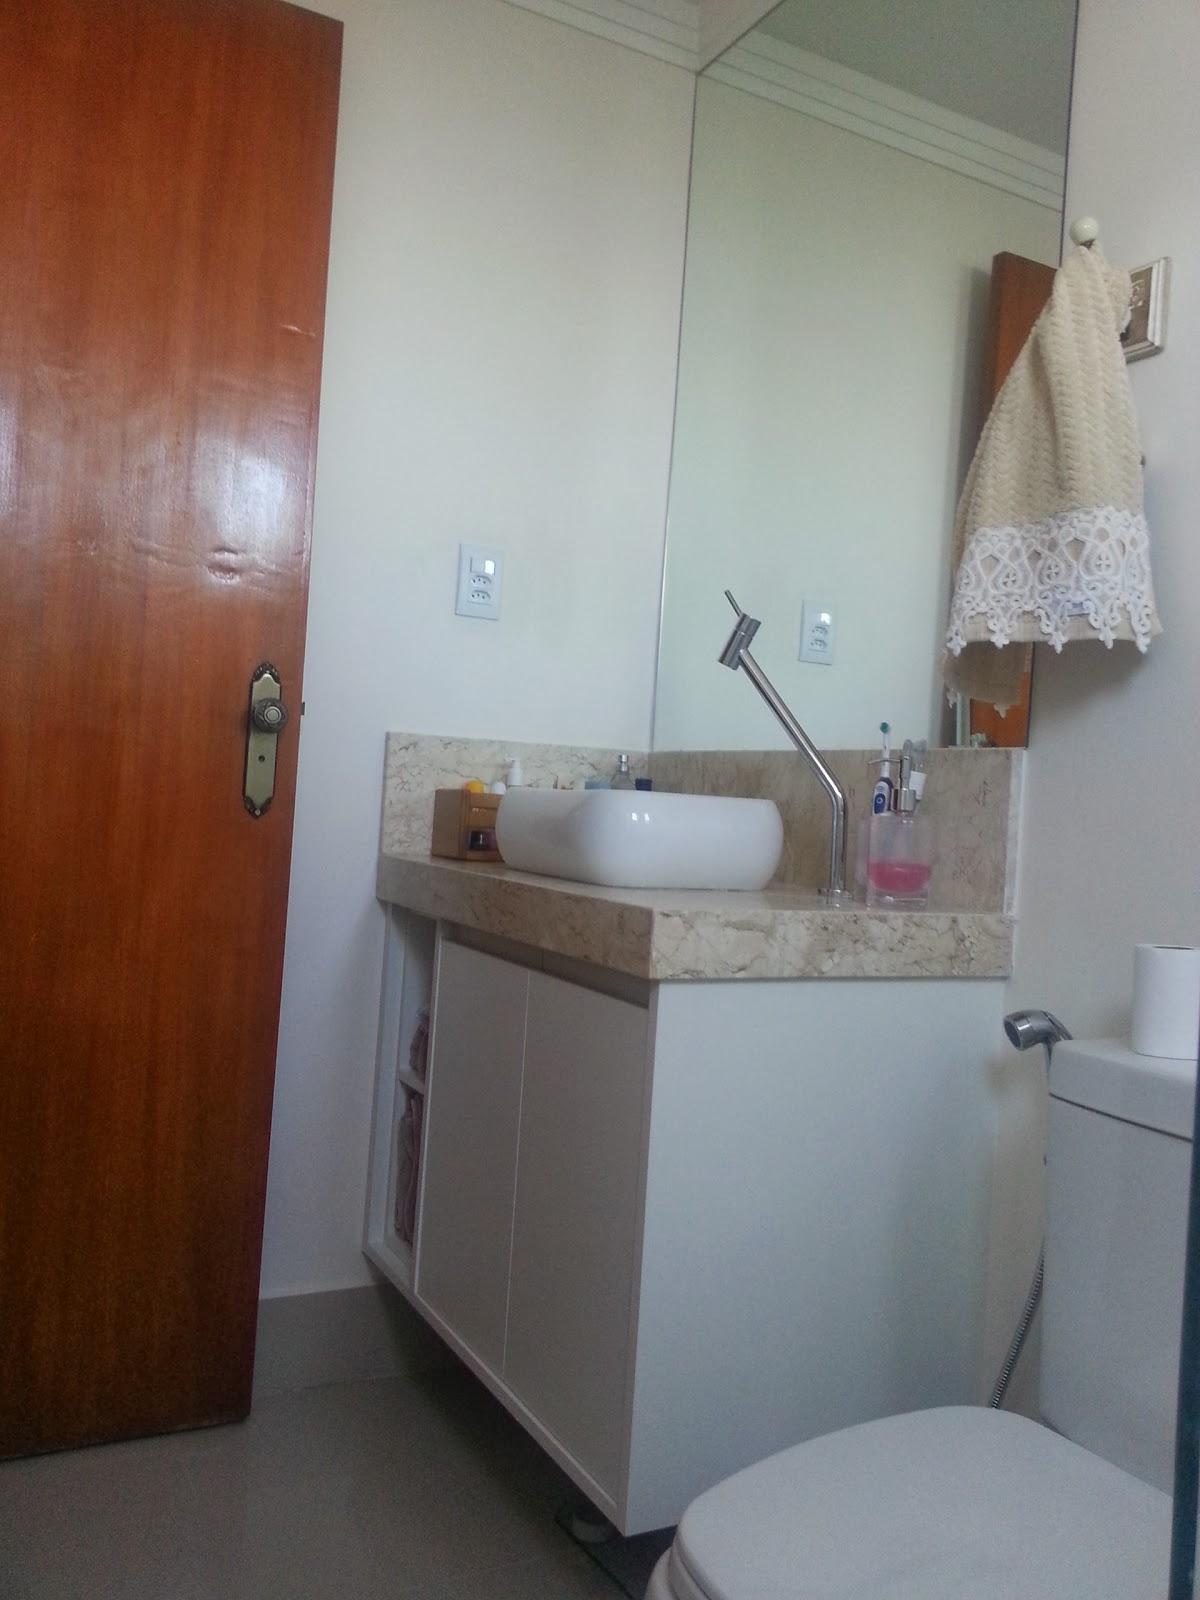 Imagens de #6D3924 Sim senhora mãe!: Apê Pronto: Banheiros 1200x1600 px 3698 Banheiros Prontos Fotos